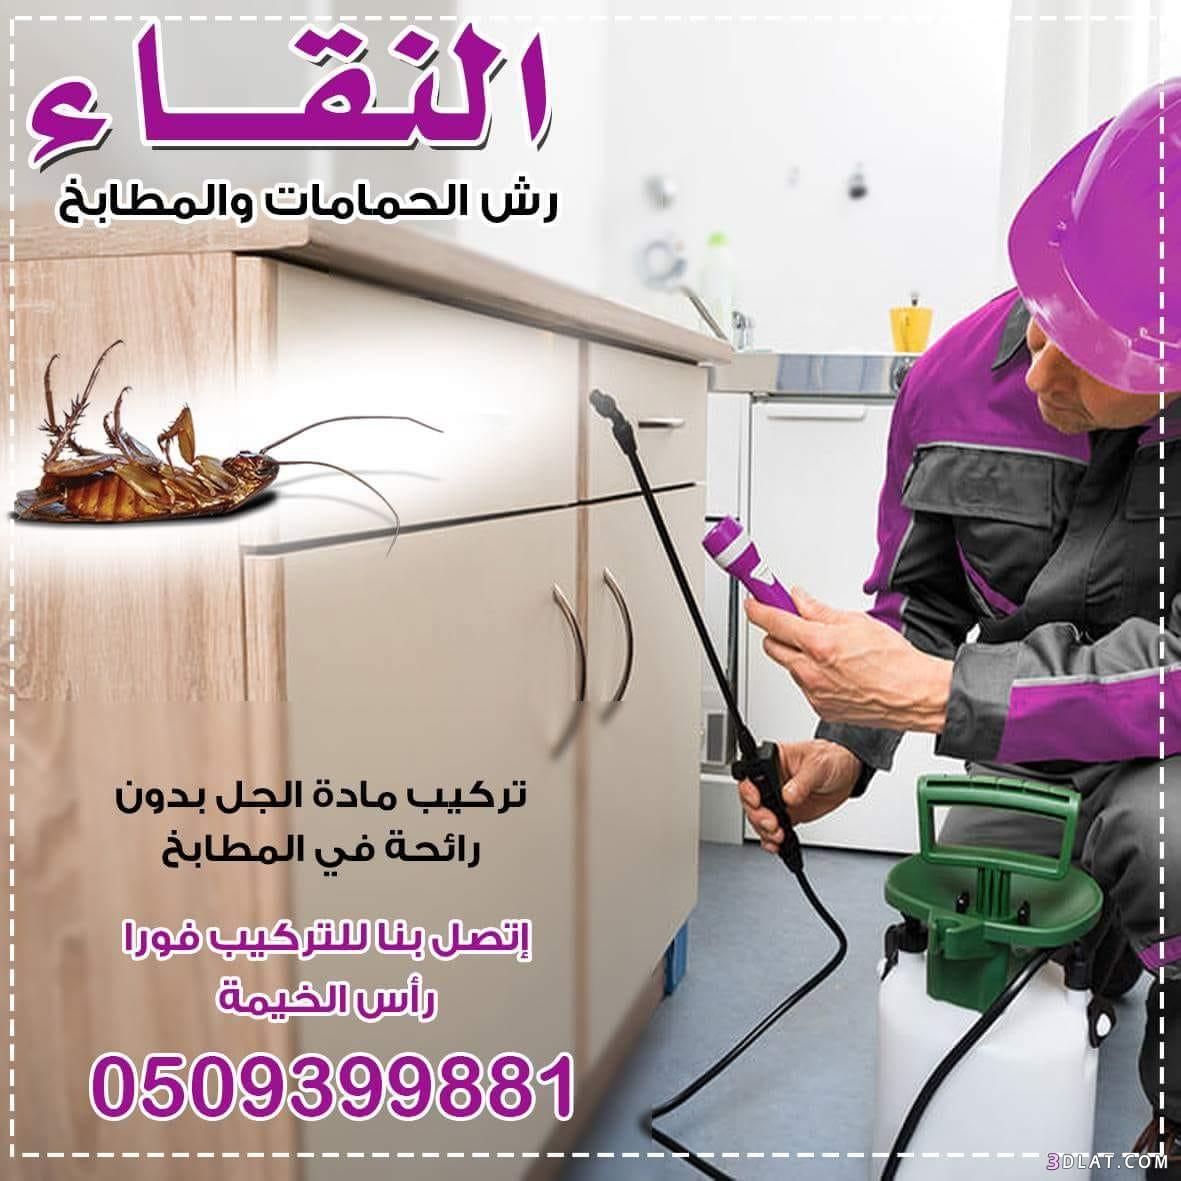 مكافحة الحشرات #رأس_الخيمة do.php?img=1129431